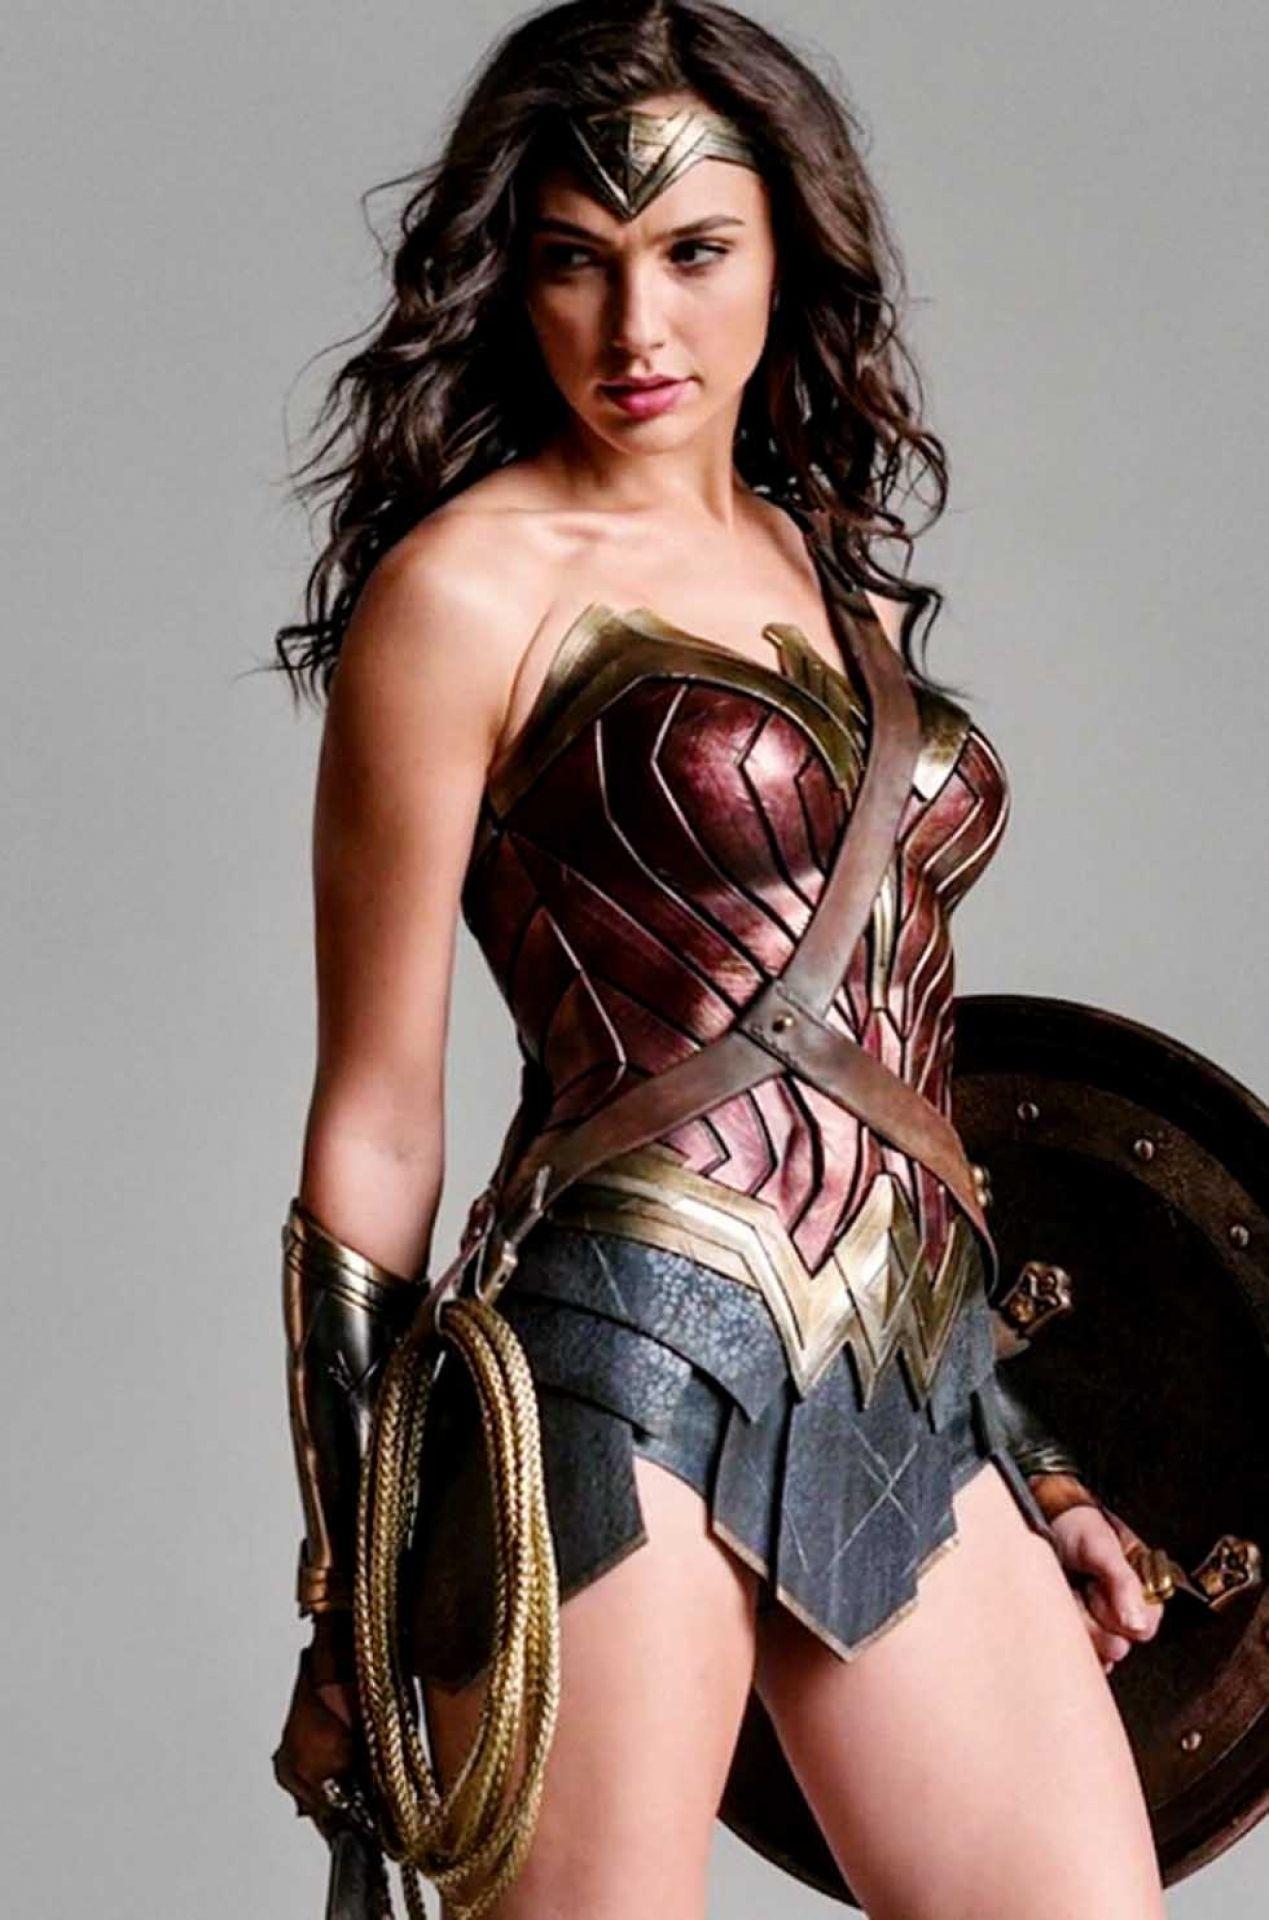 Gal Gadot Wonder Woman Training Hd Wallpapers 1080p Mujer Maravilla Cosplay Traje Mujer Maravilla Gal Gadot Mujer Maravilla